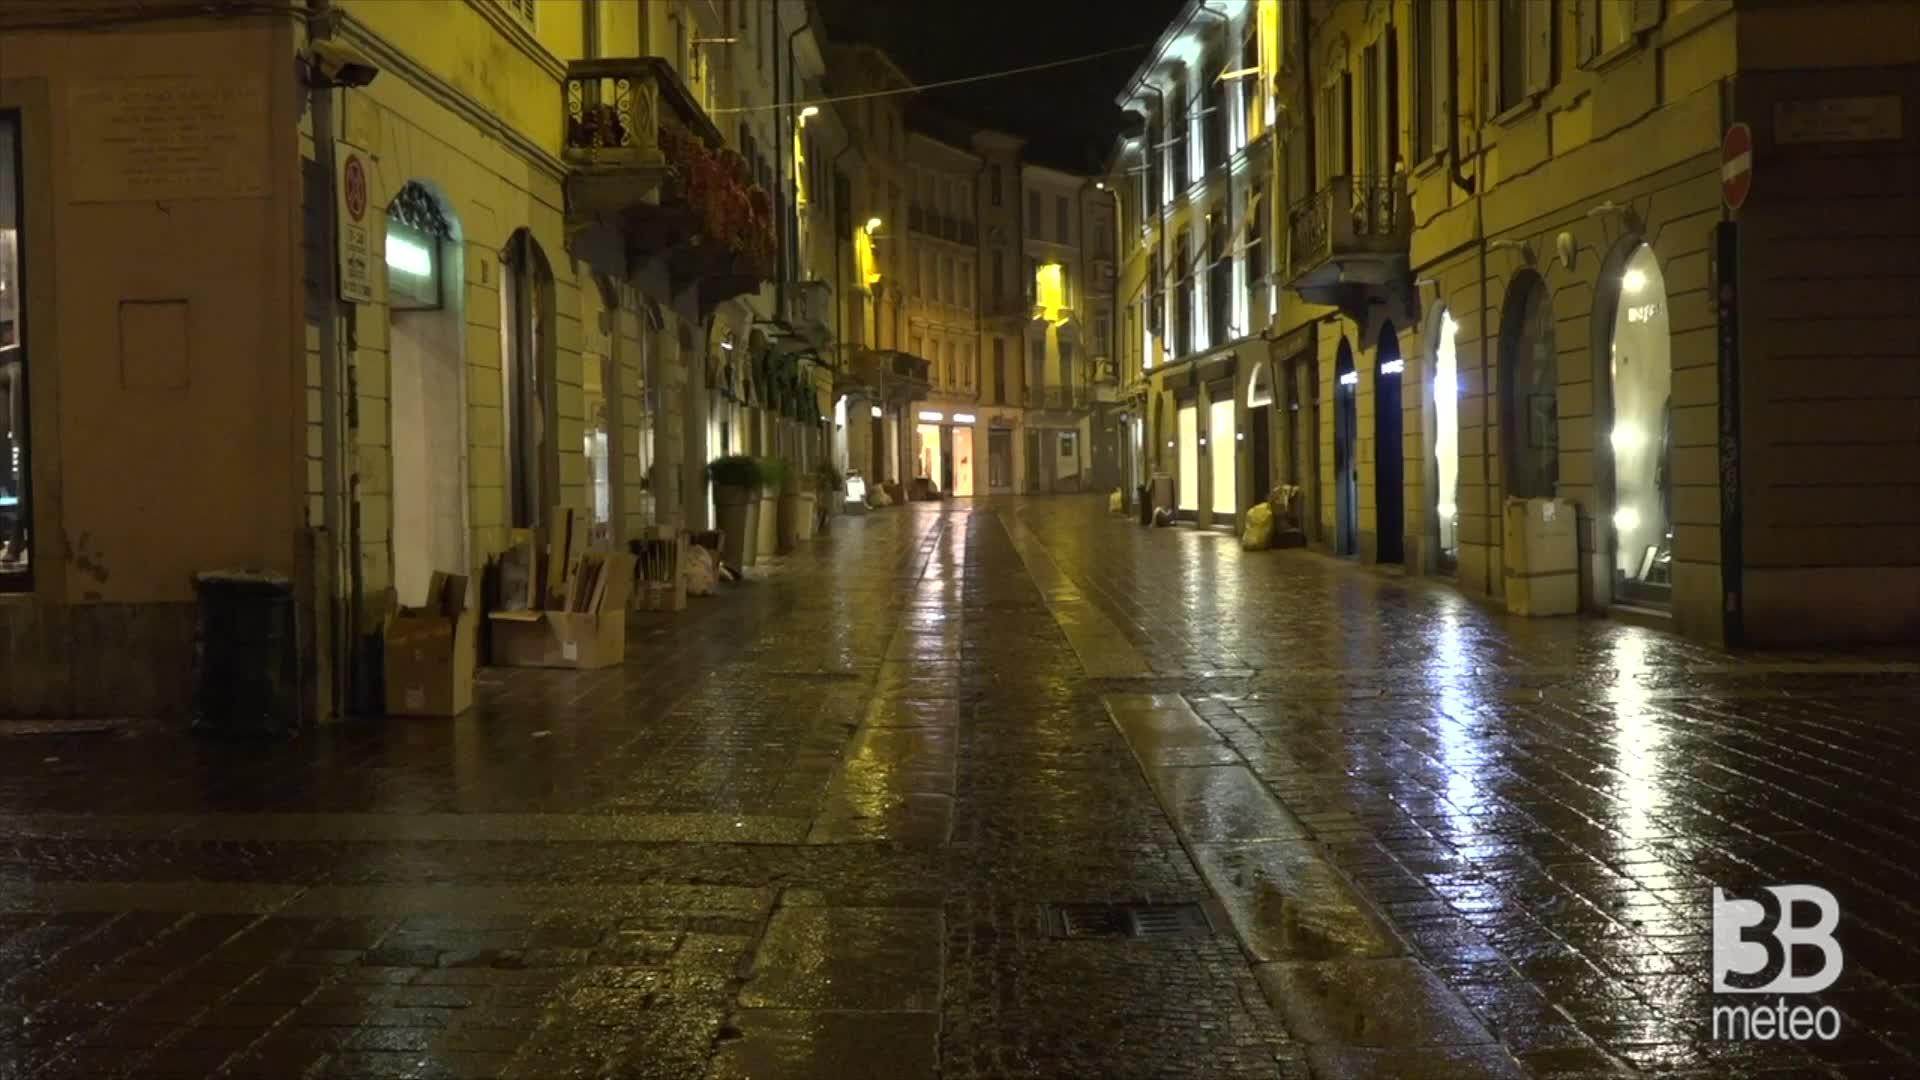 Monza, scatta il coprifuoco: strade in centro deserte